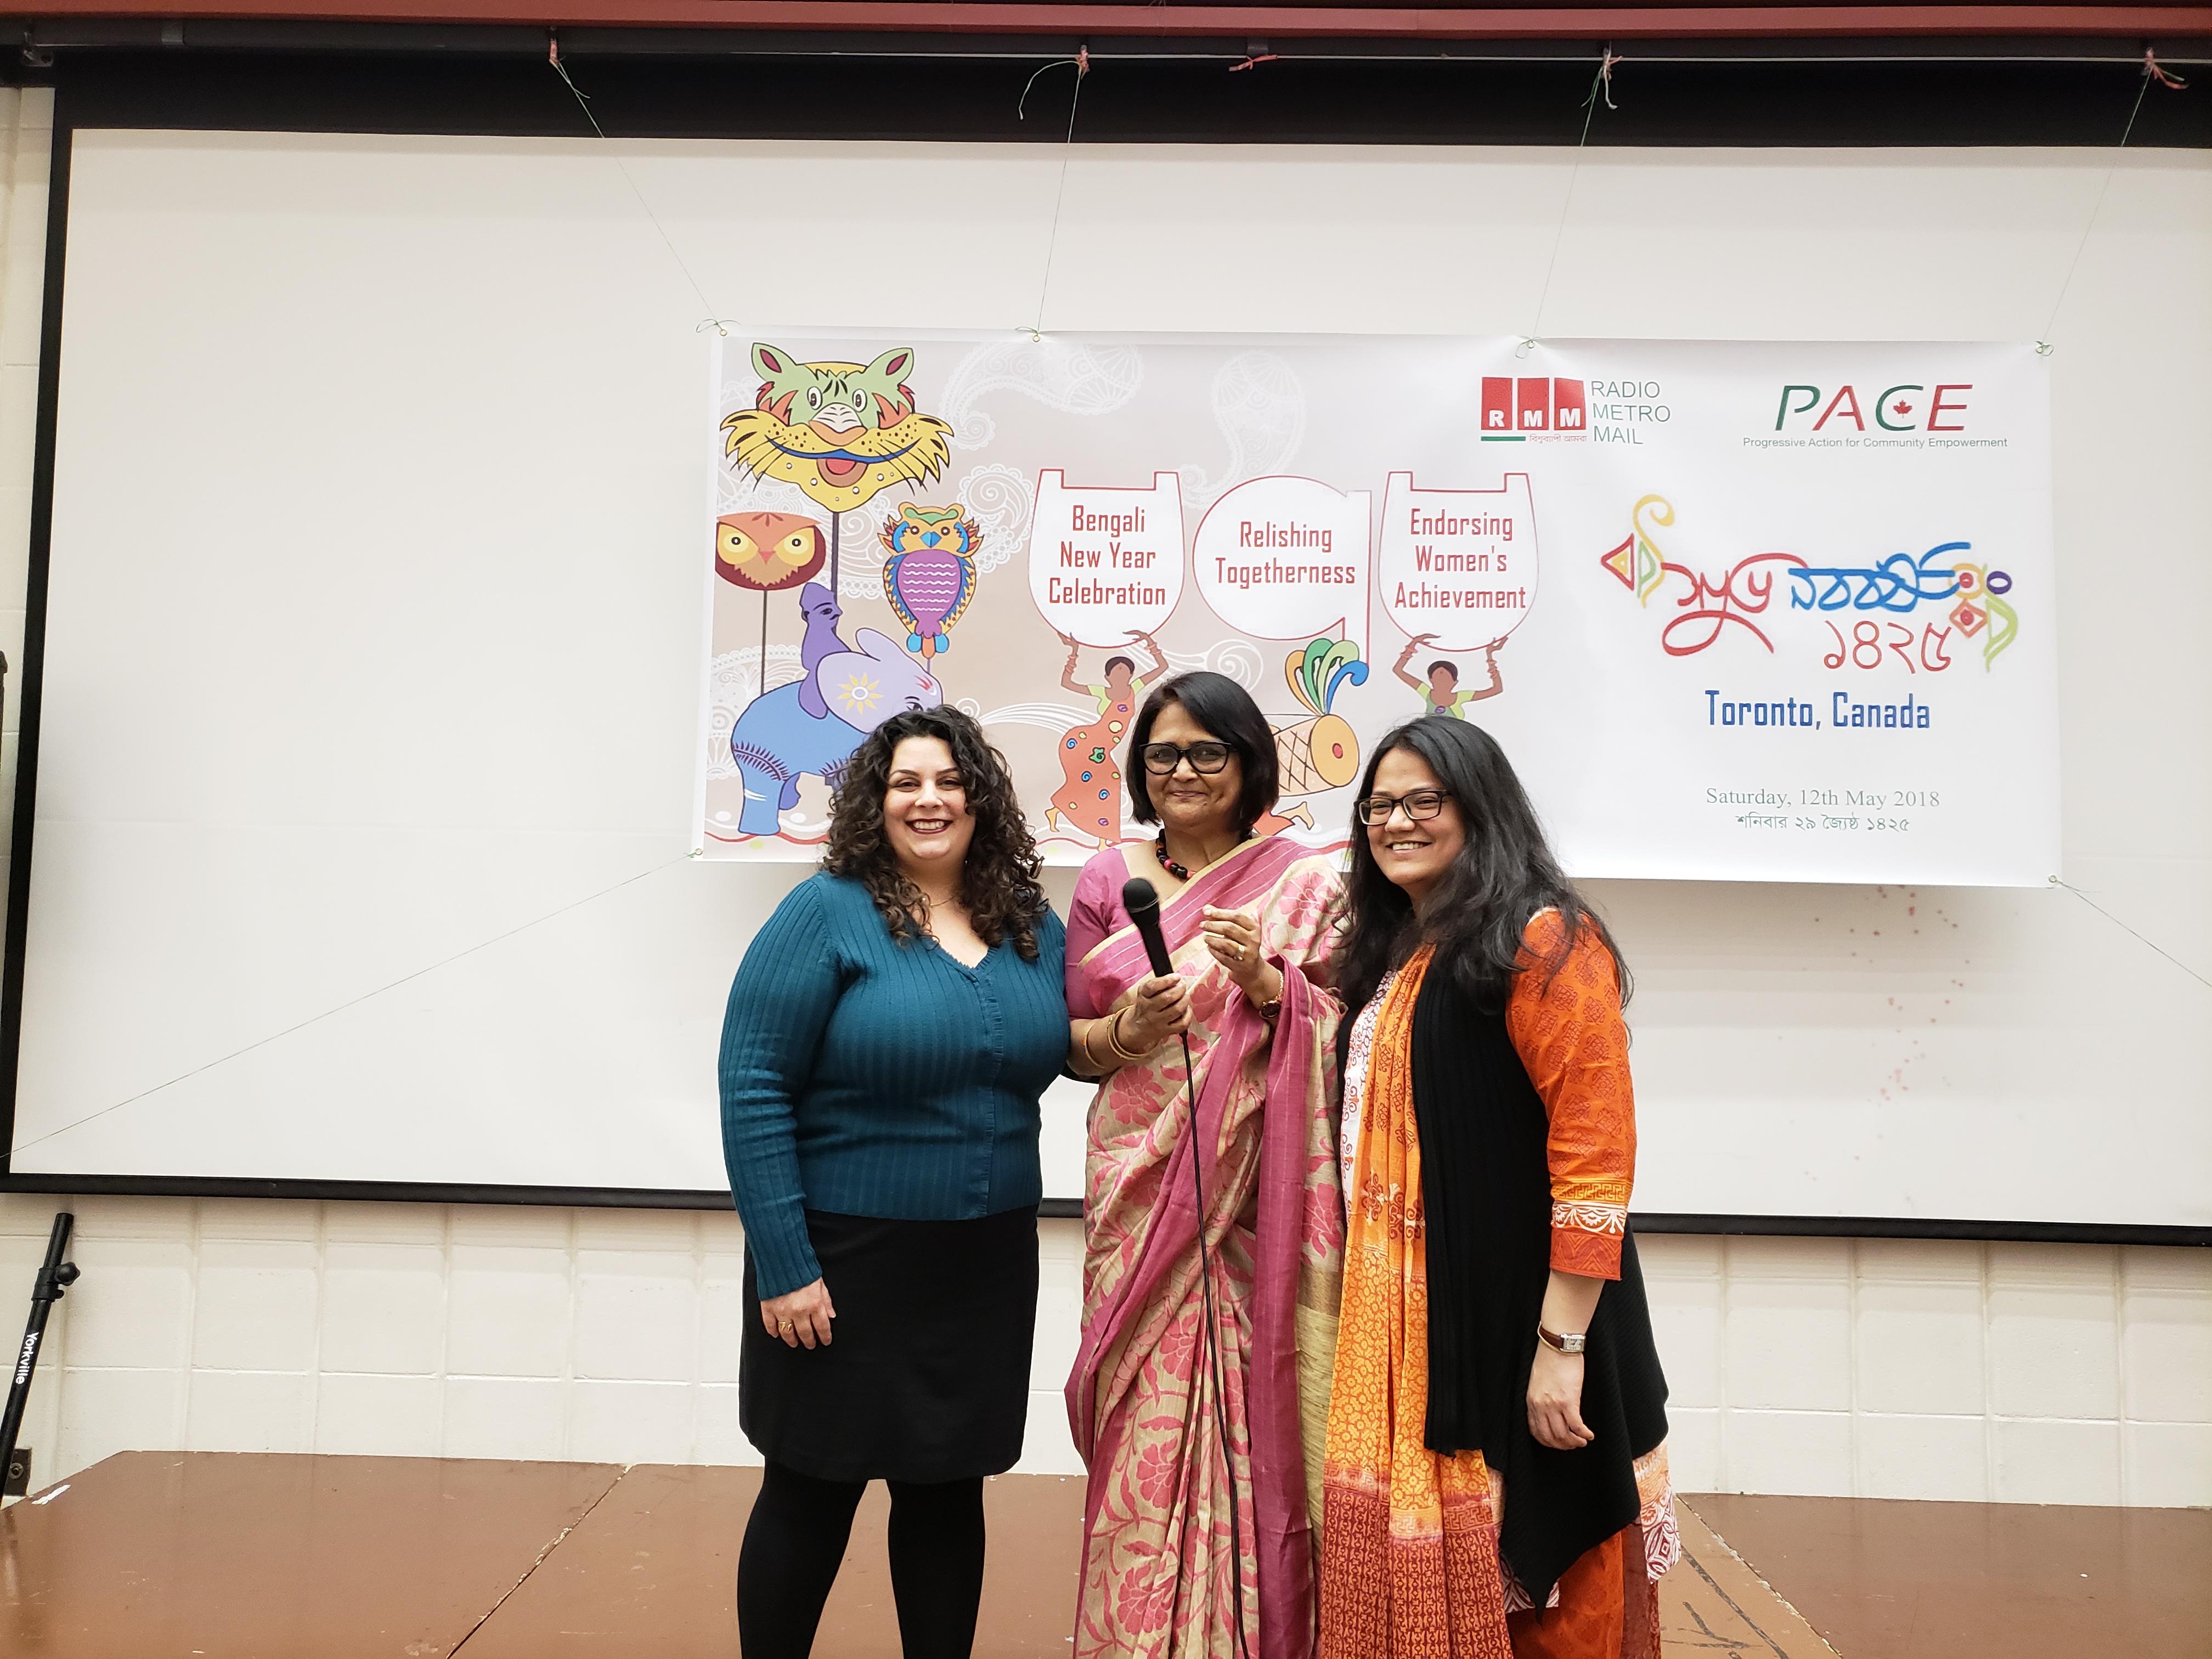 Dr. Tanjina Mirza, Mitra Manouchehrian & Priyanka Debnath